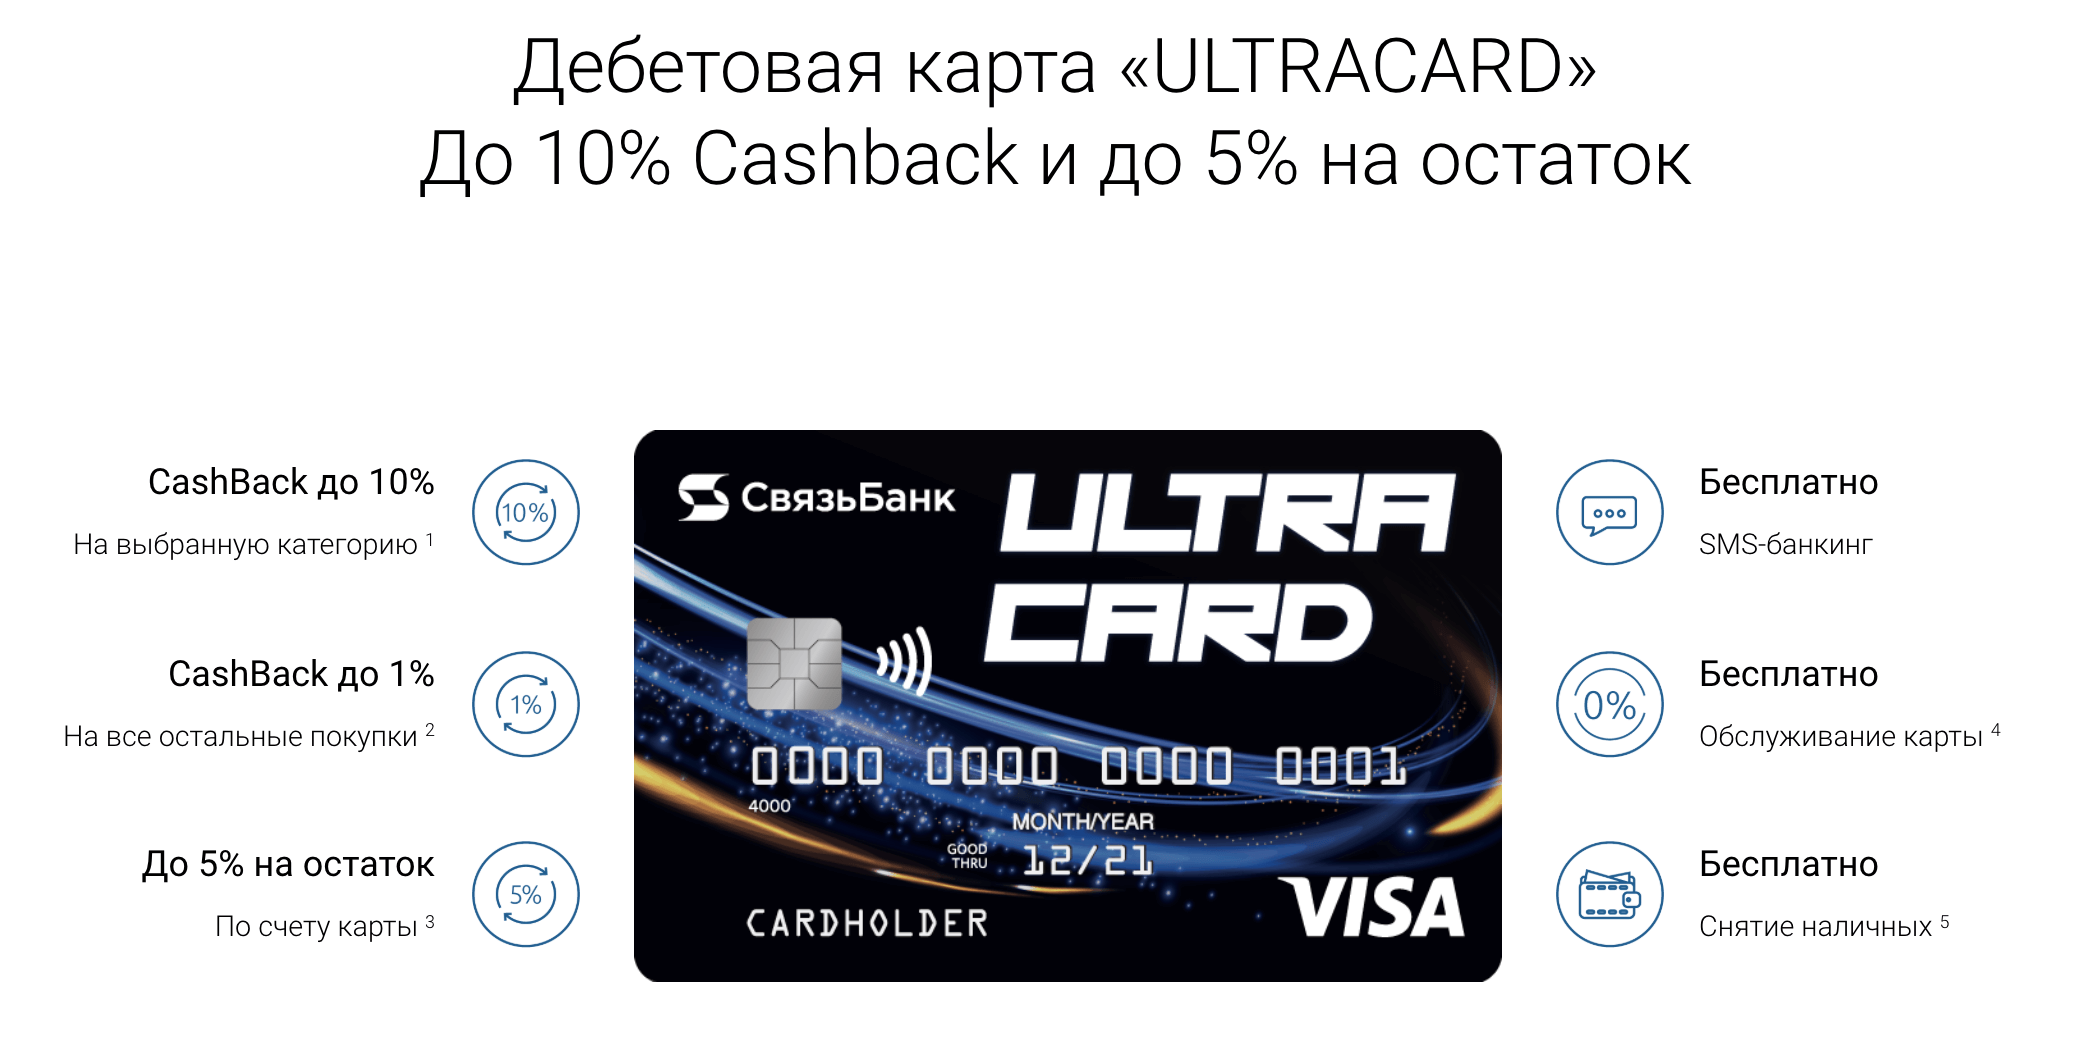 Visa Classic. Хоум Кредит Банк. Он позволяет не только получать зарплату, пенсию и другие выплаты.